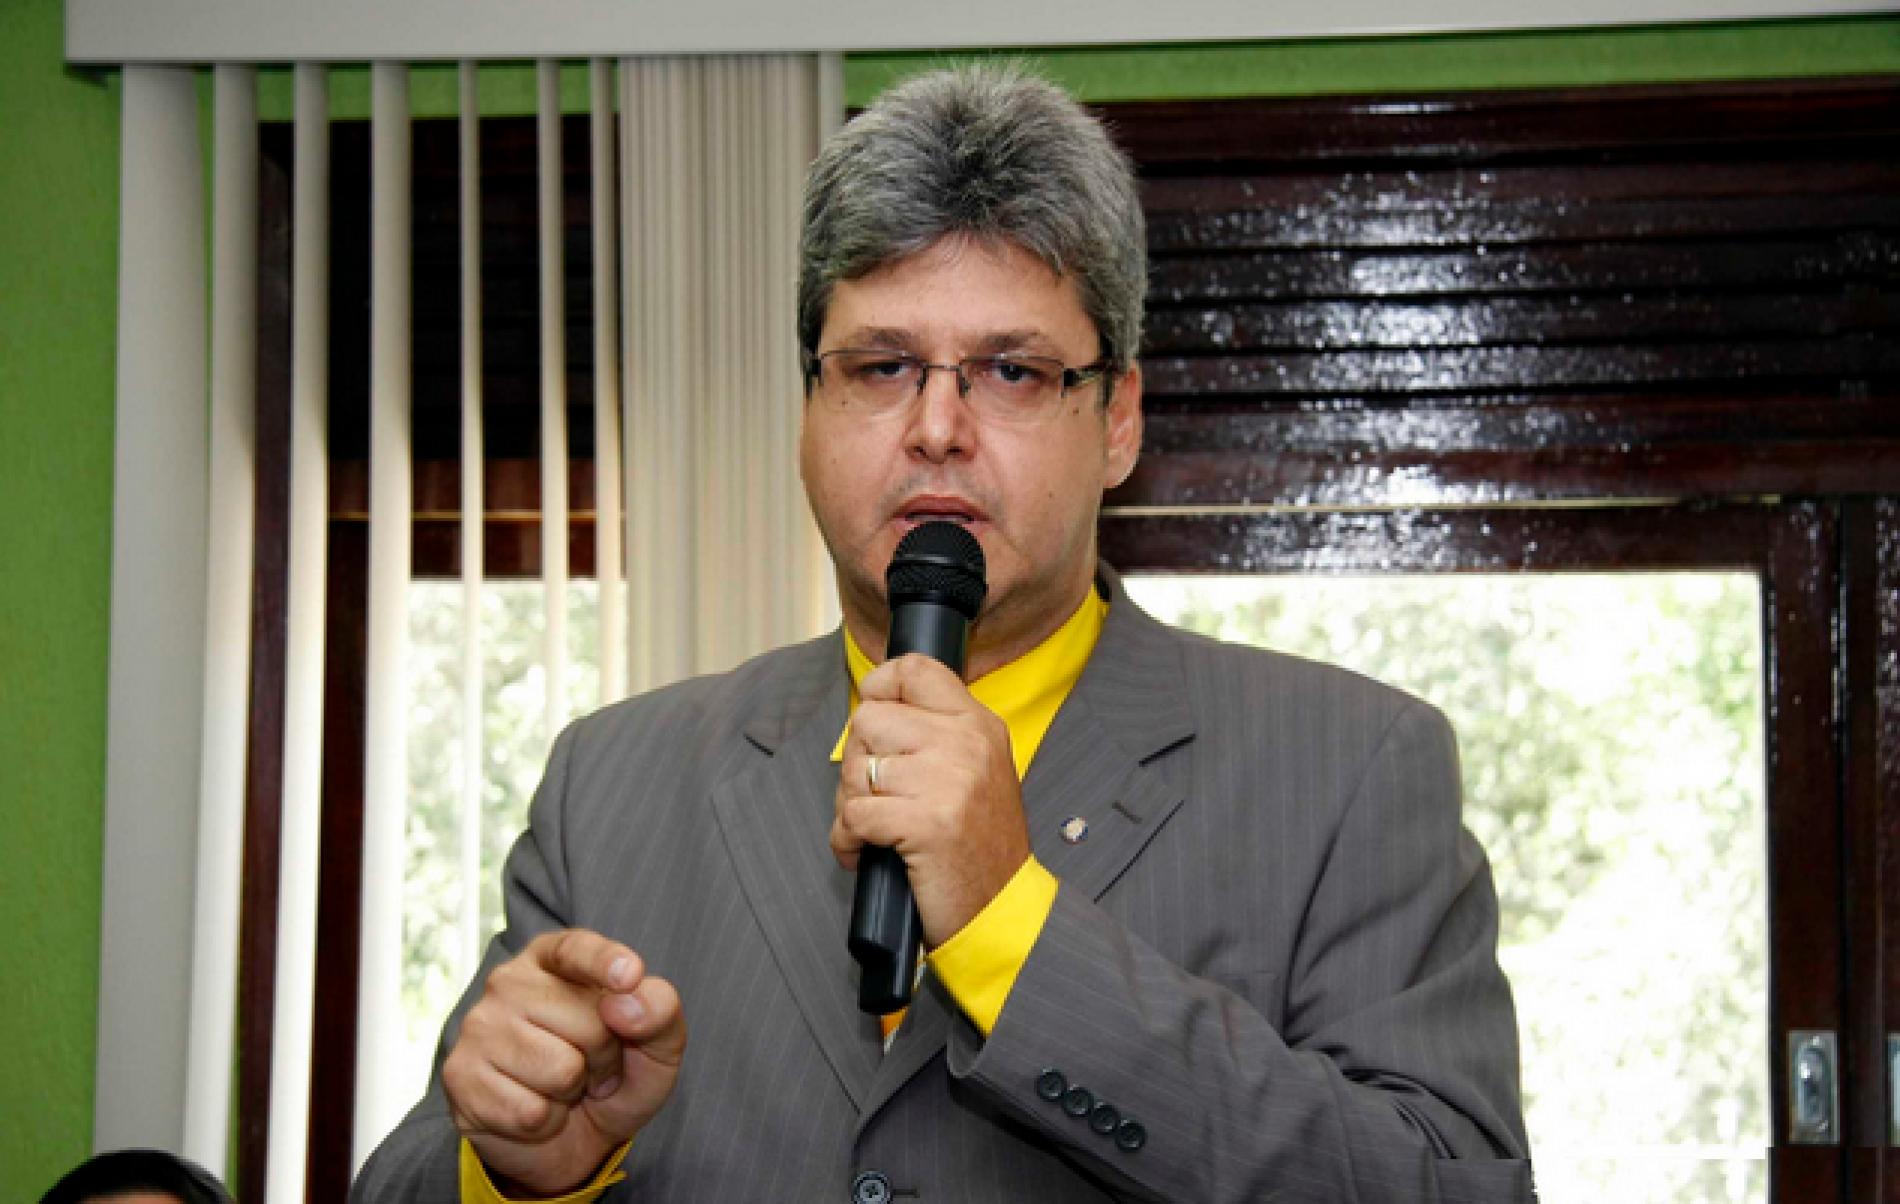 São Gonçalo dos Campos: Ex-prefeito terá de devolver R$ 235 mil por shows de Bell e É o Tchan que não ocorreram